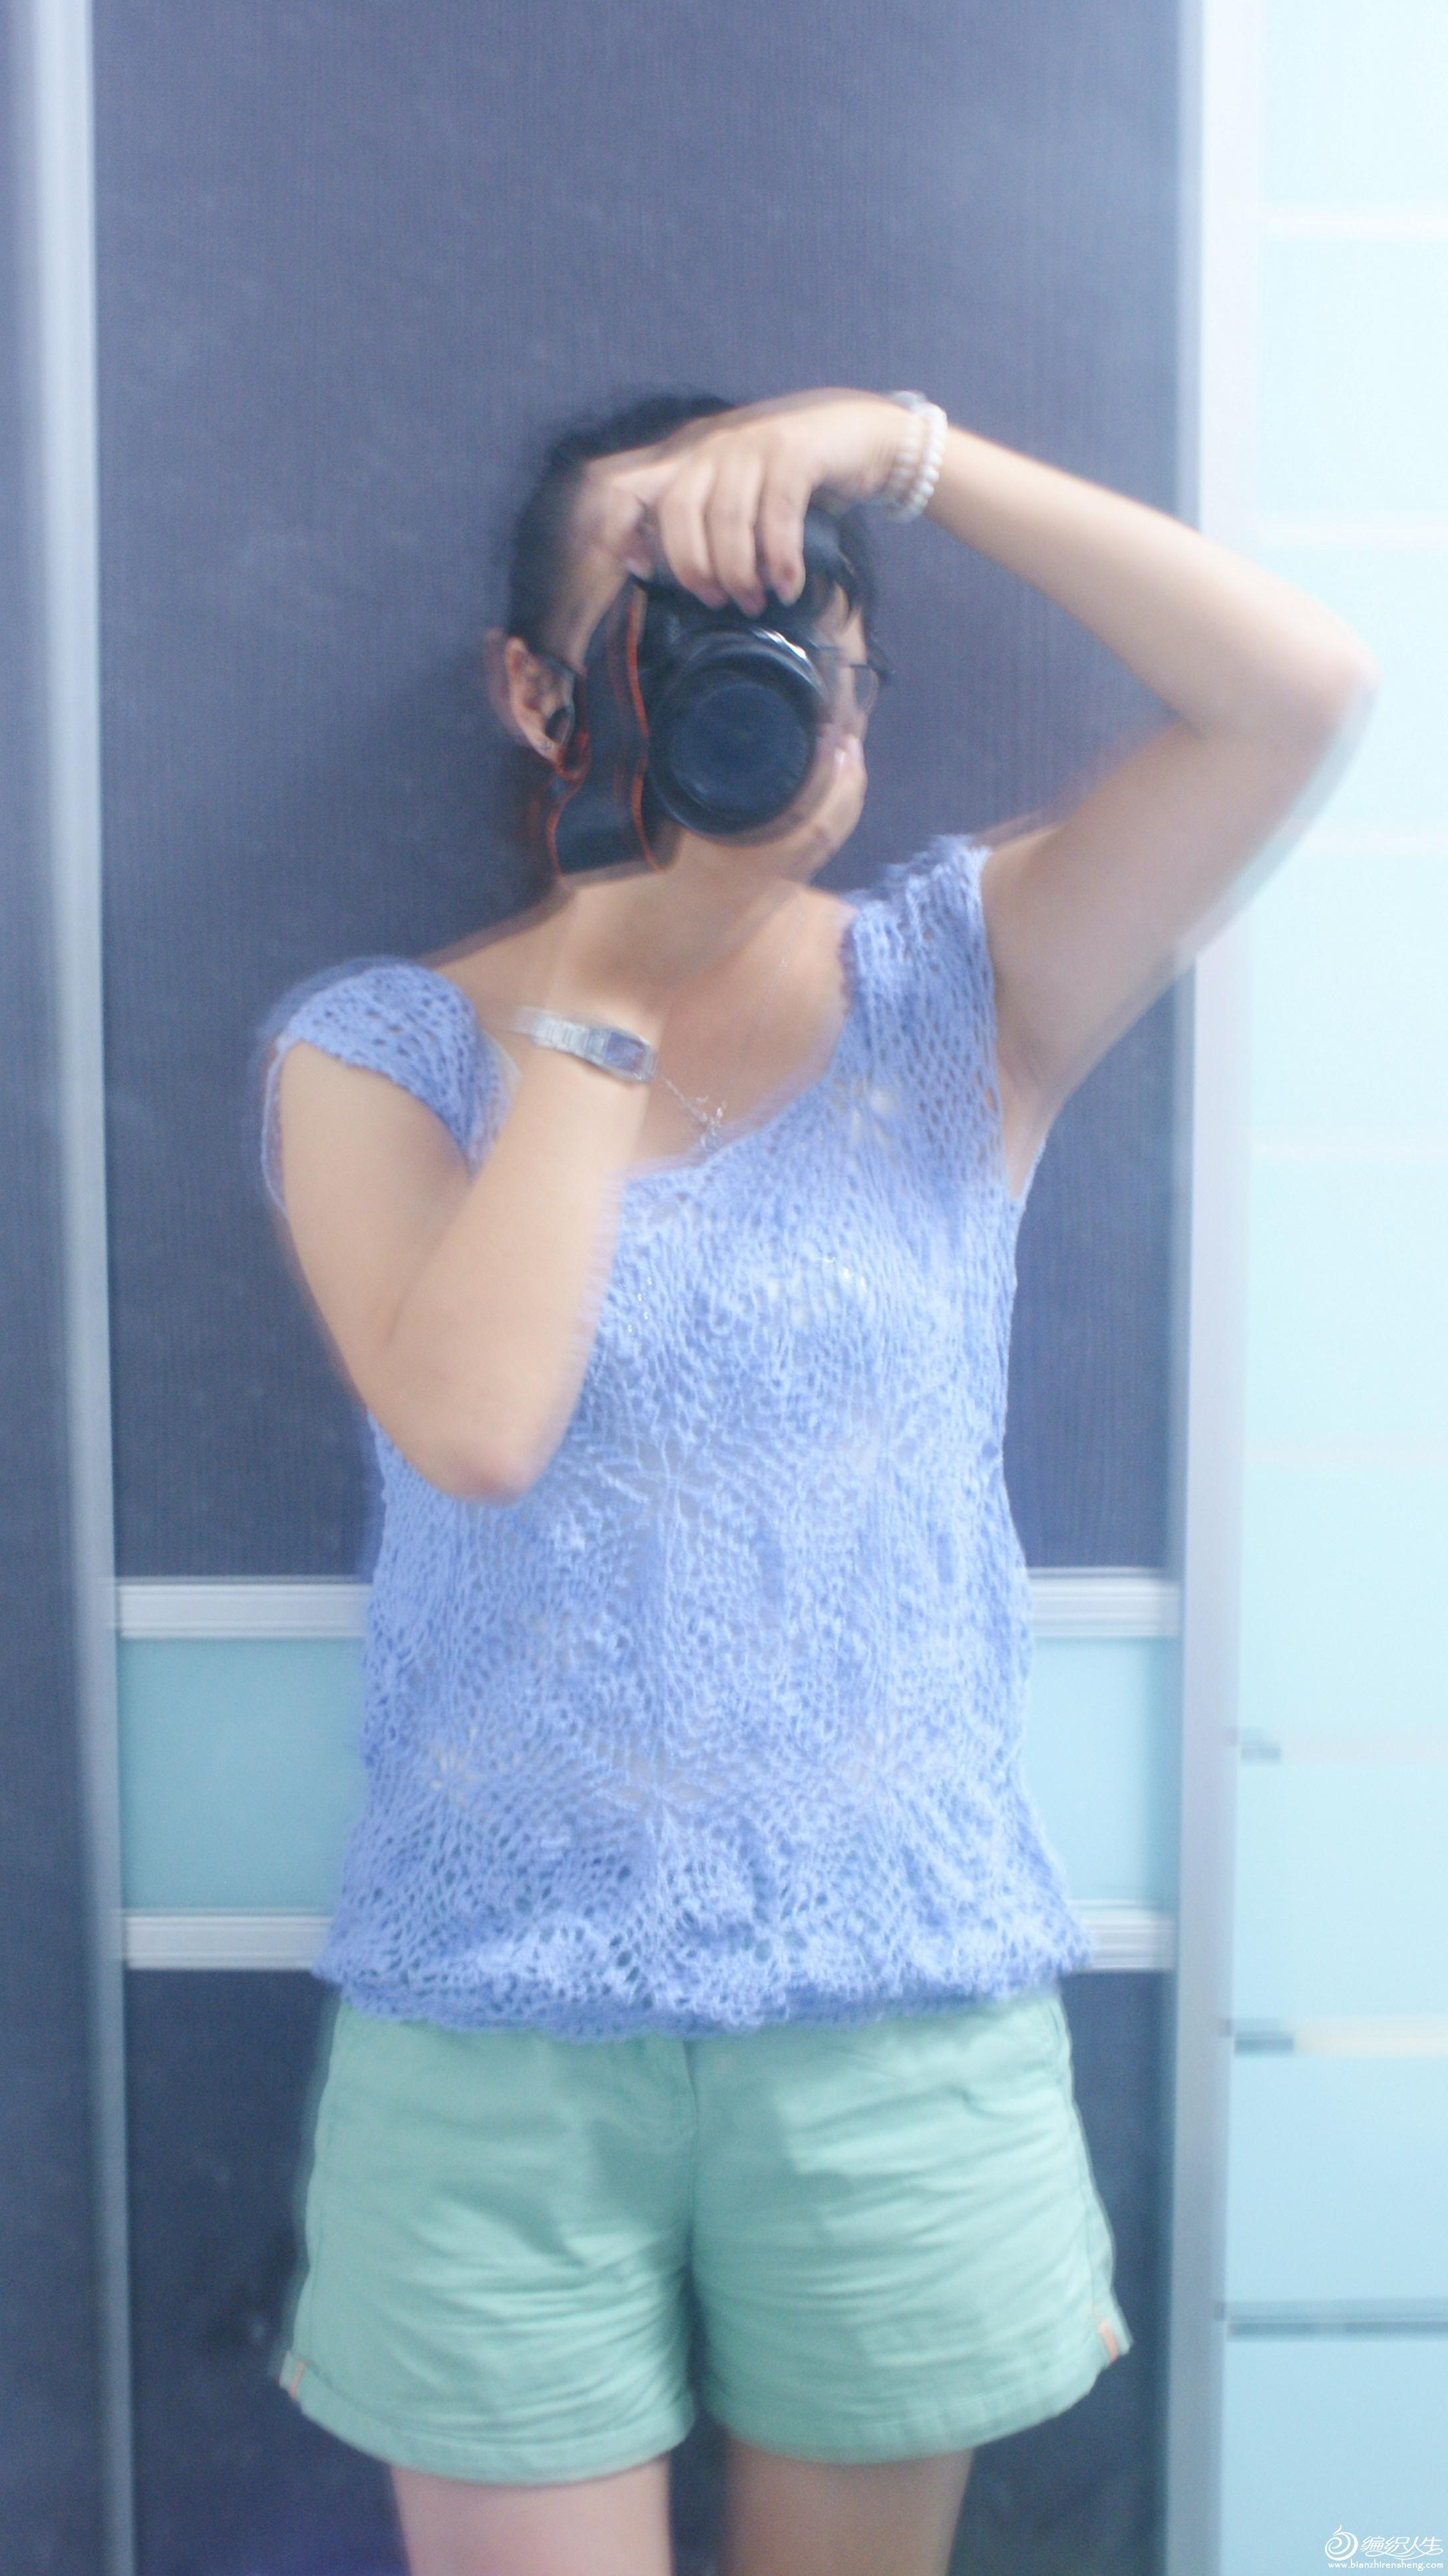 没人拍照,对镜自拍